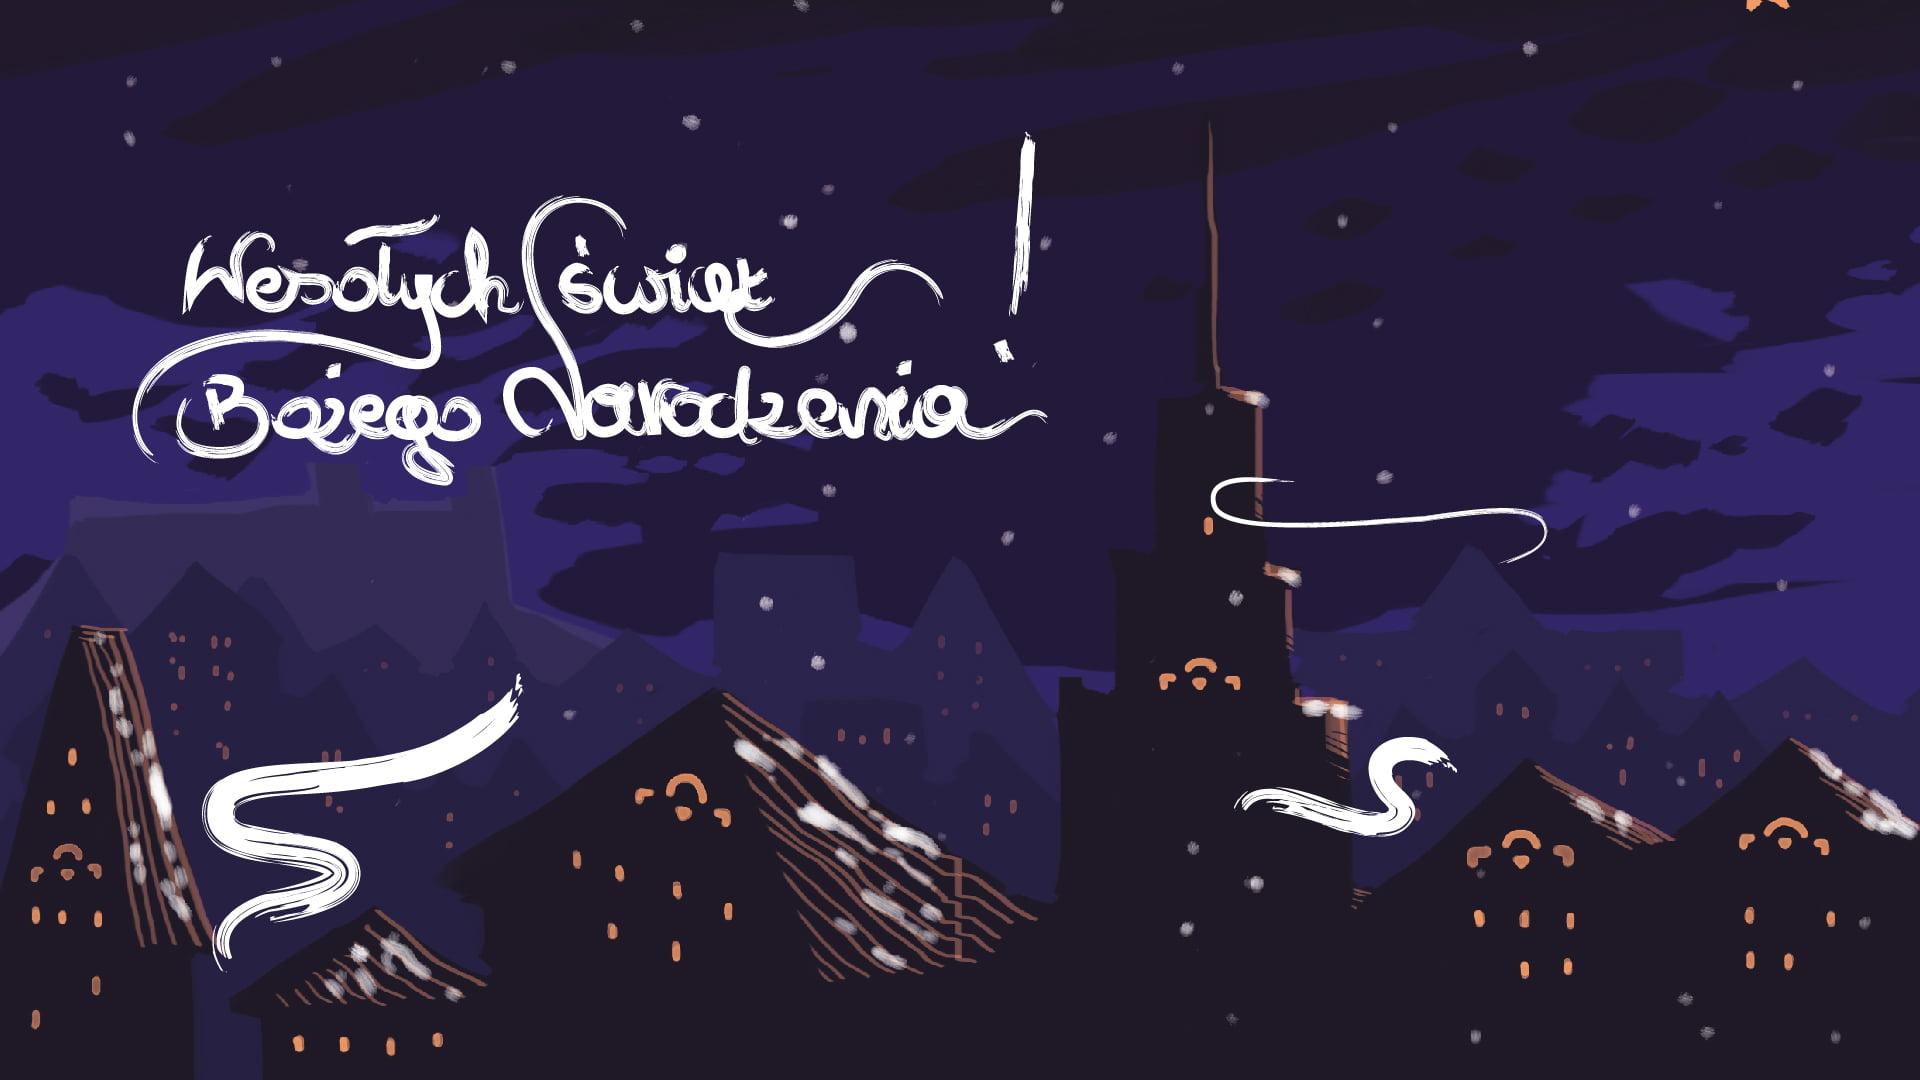 kartka świąteczna. U góry po lewej stronie stylizowany napis Wesołych świąt Bożego Narodzenia. Ciemnoniebieskie tło, po prawej stronie u góry spadająca gwiazda. W dole miasto z wieloma budynkami i wieżą na środku